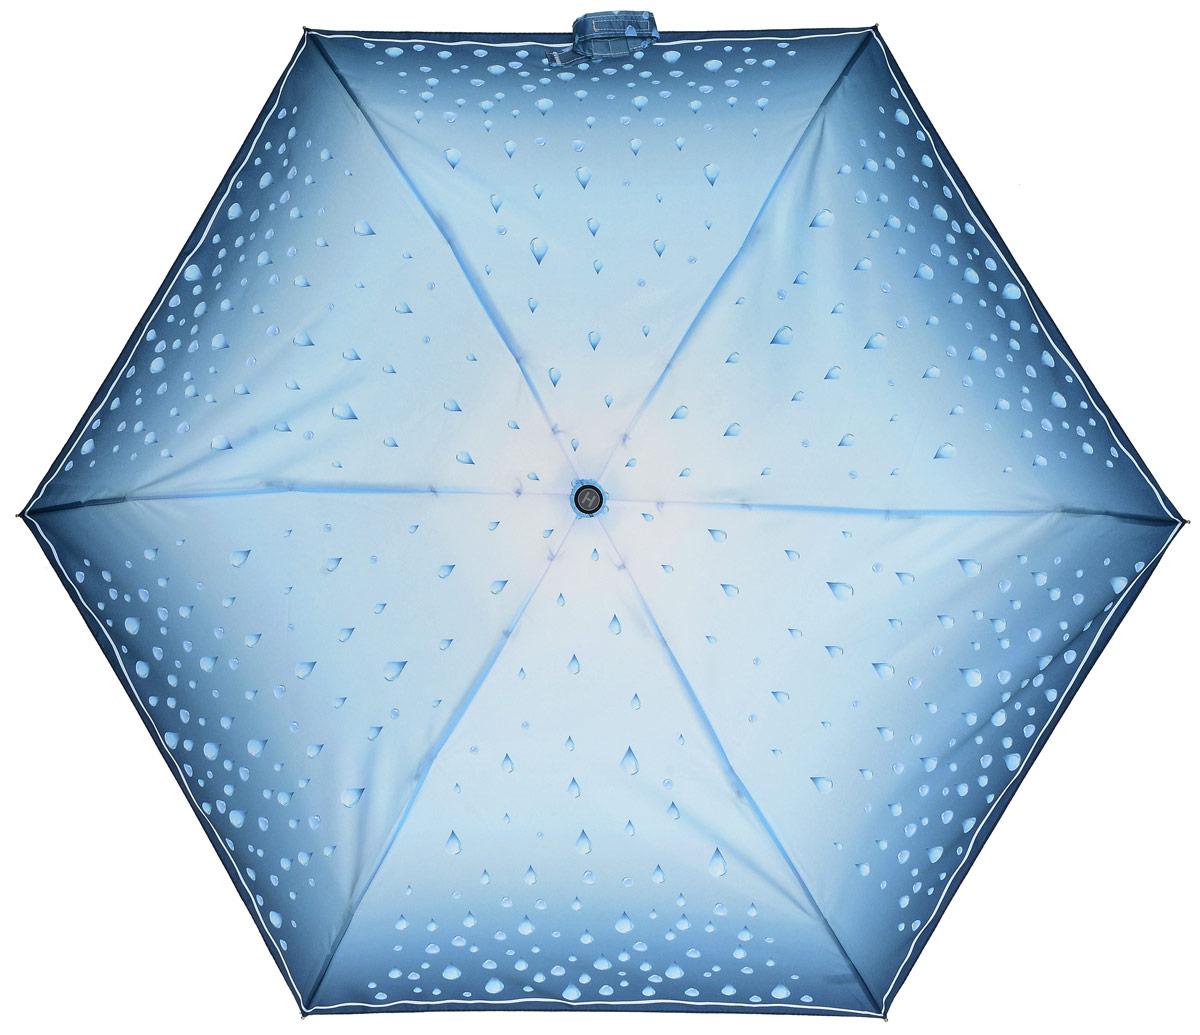 Зонт женский Henry Backer, 5 сложений, цвет: голубой. U34202 Rain drops45100948B/32793/5900NЛегкий женский зонт «Капли дождя», голубой, механика Рукоять выполнена из нескользящего комфортного для ладони материала, ветроустойчивый каркас сделан из алюминия и фибергласса.